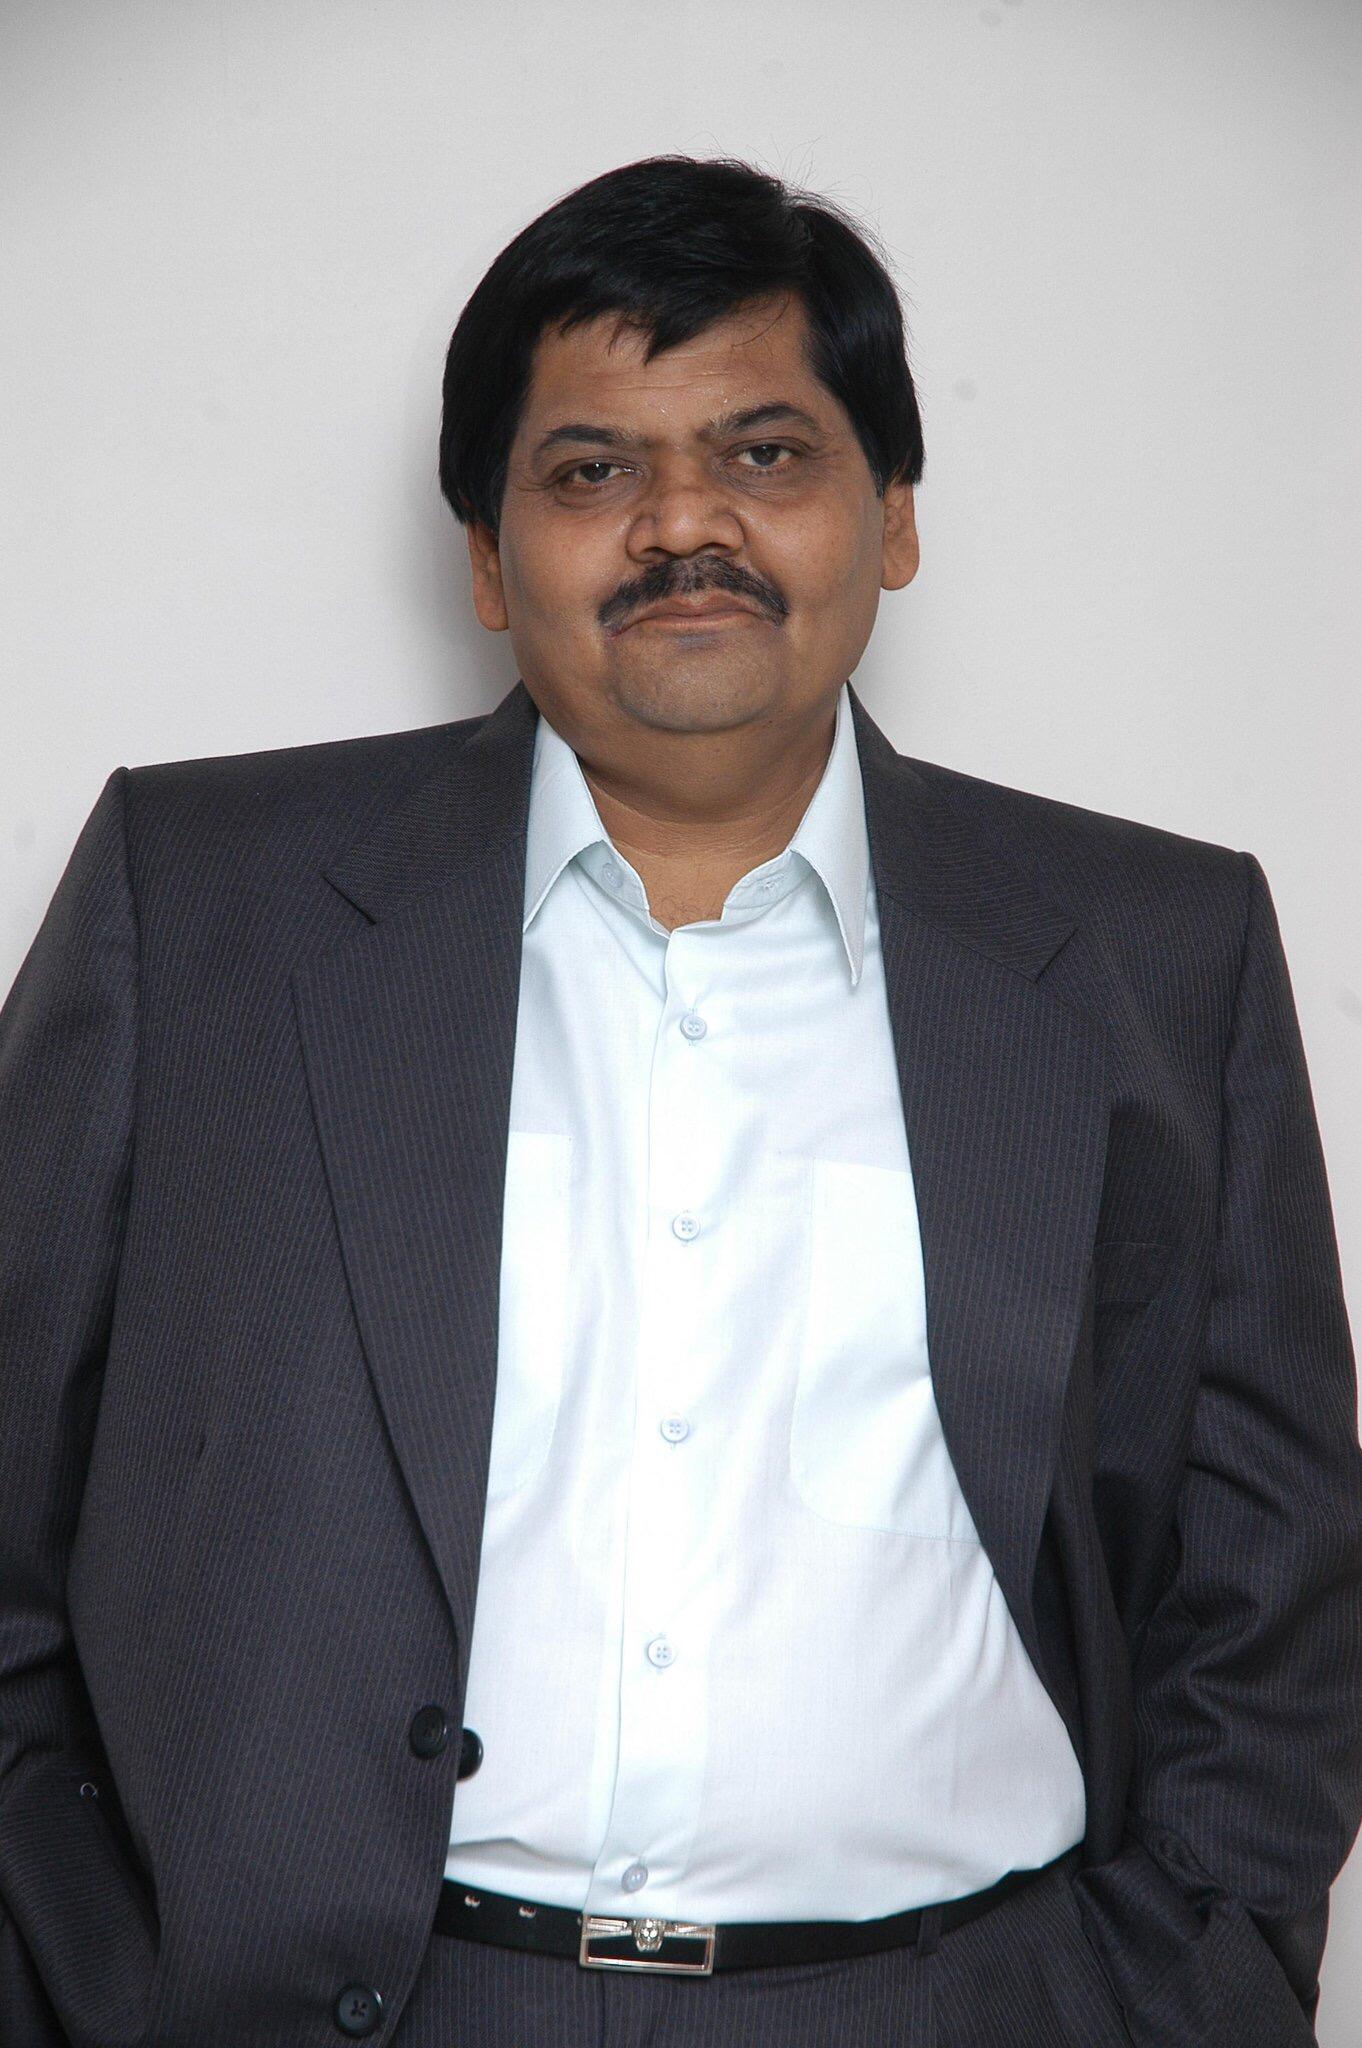 Saurin Shah